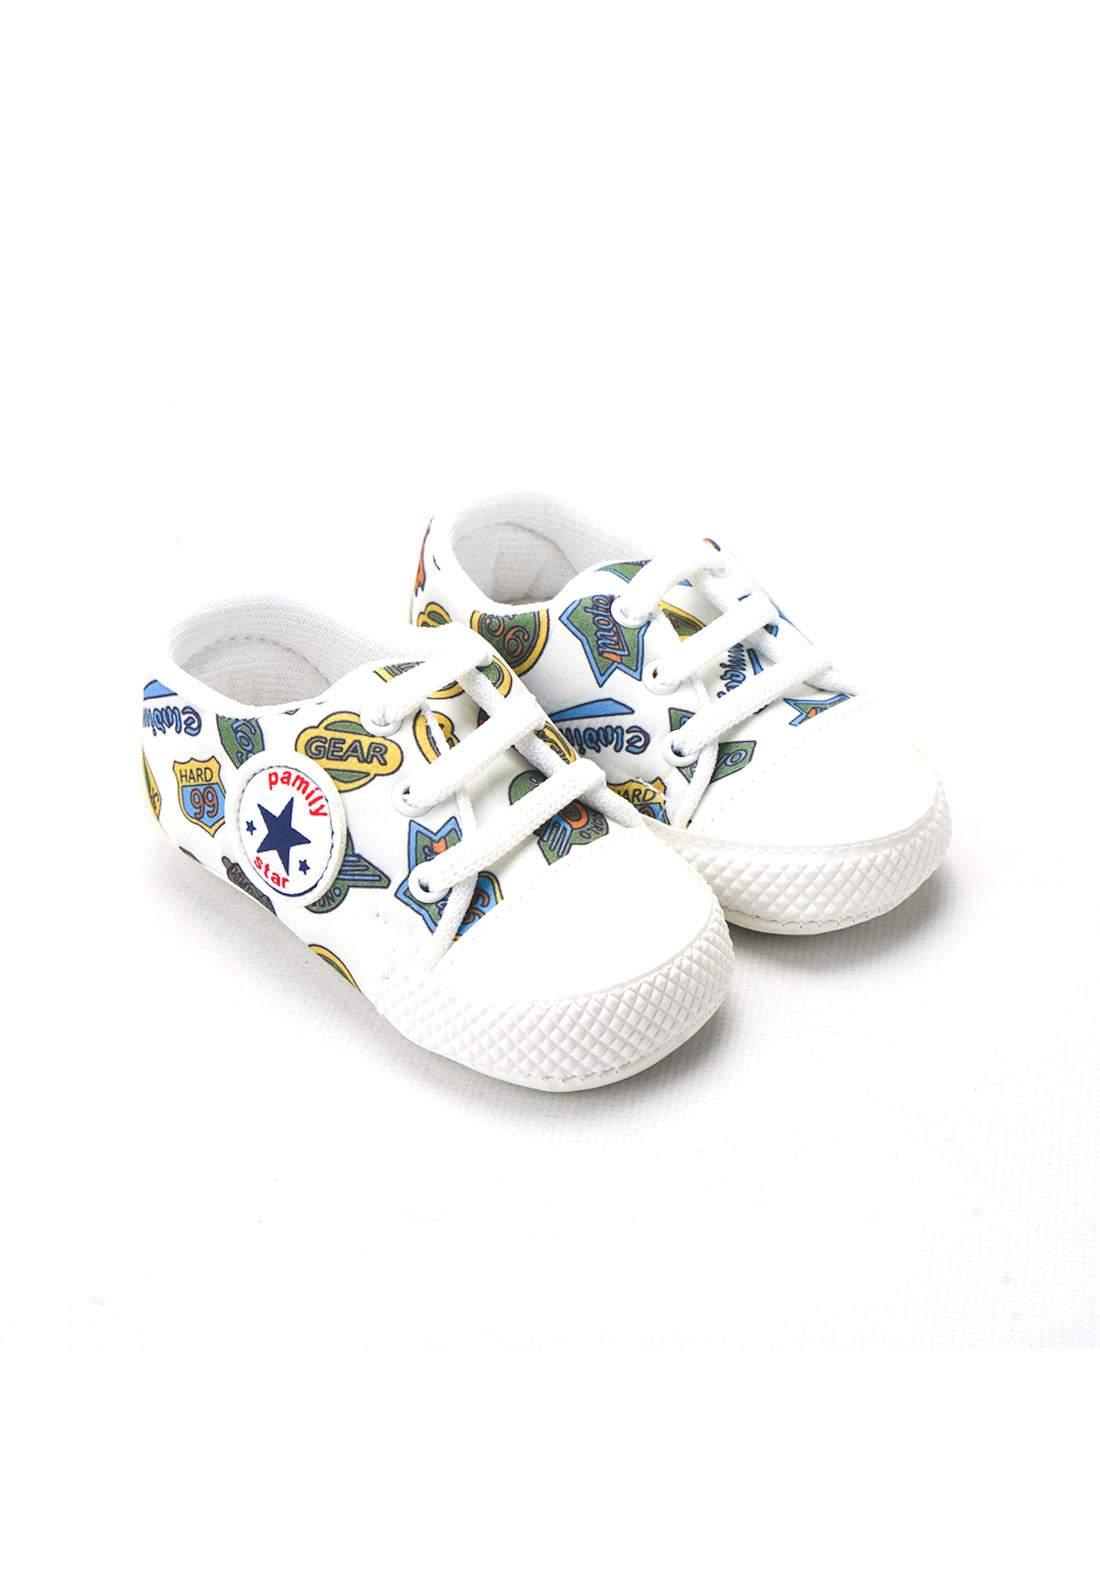 حذاء ولادي للاطفال حديثي الولادة ابيض  اللون